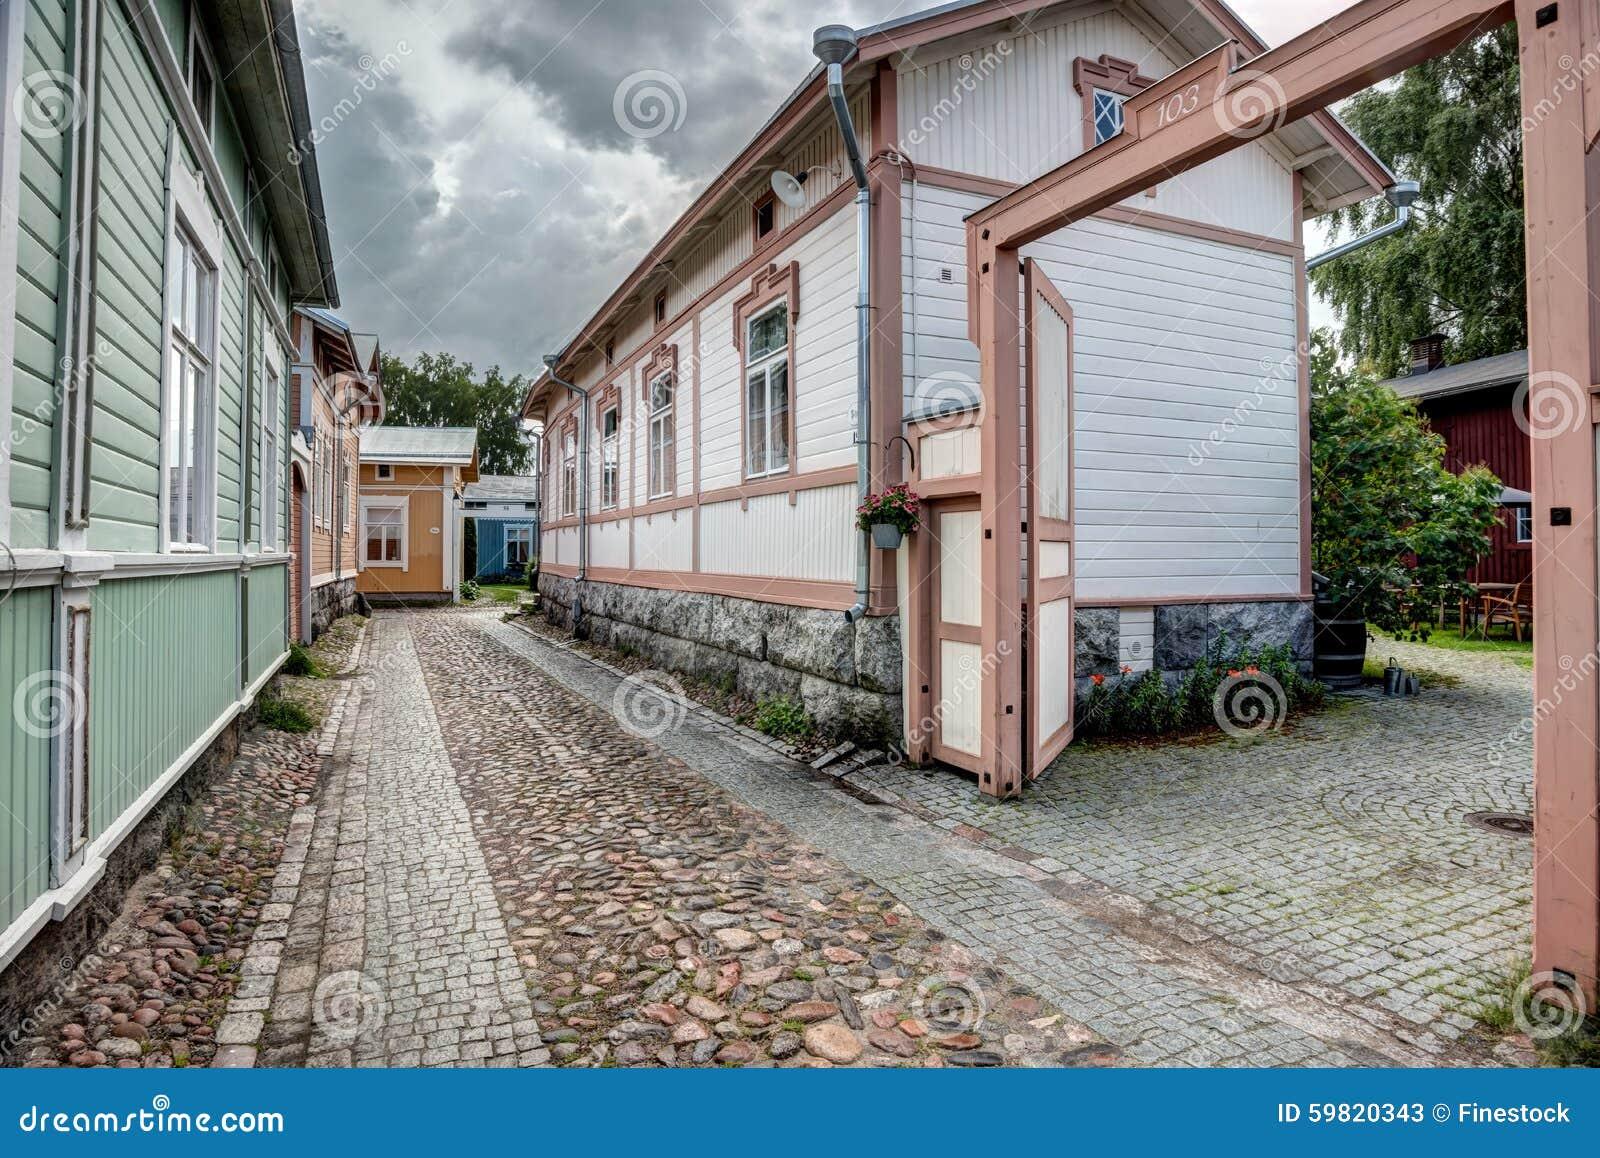 Alte holzhäuser in rauma finnland